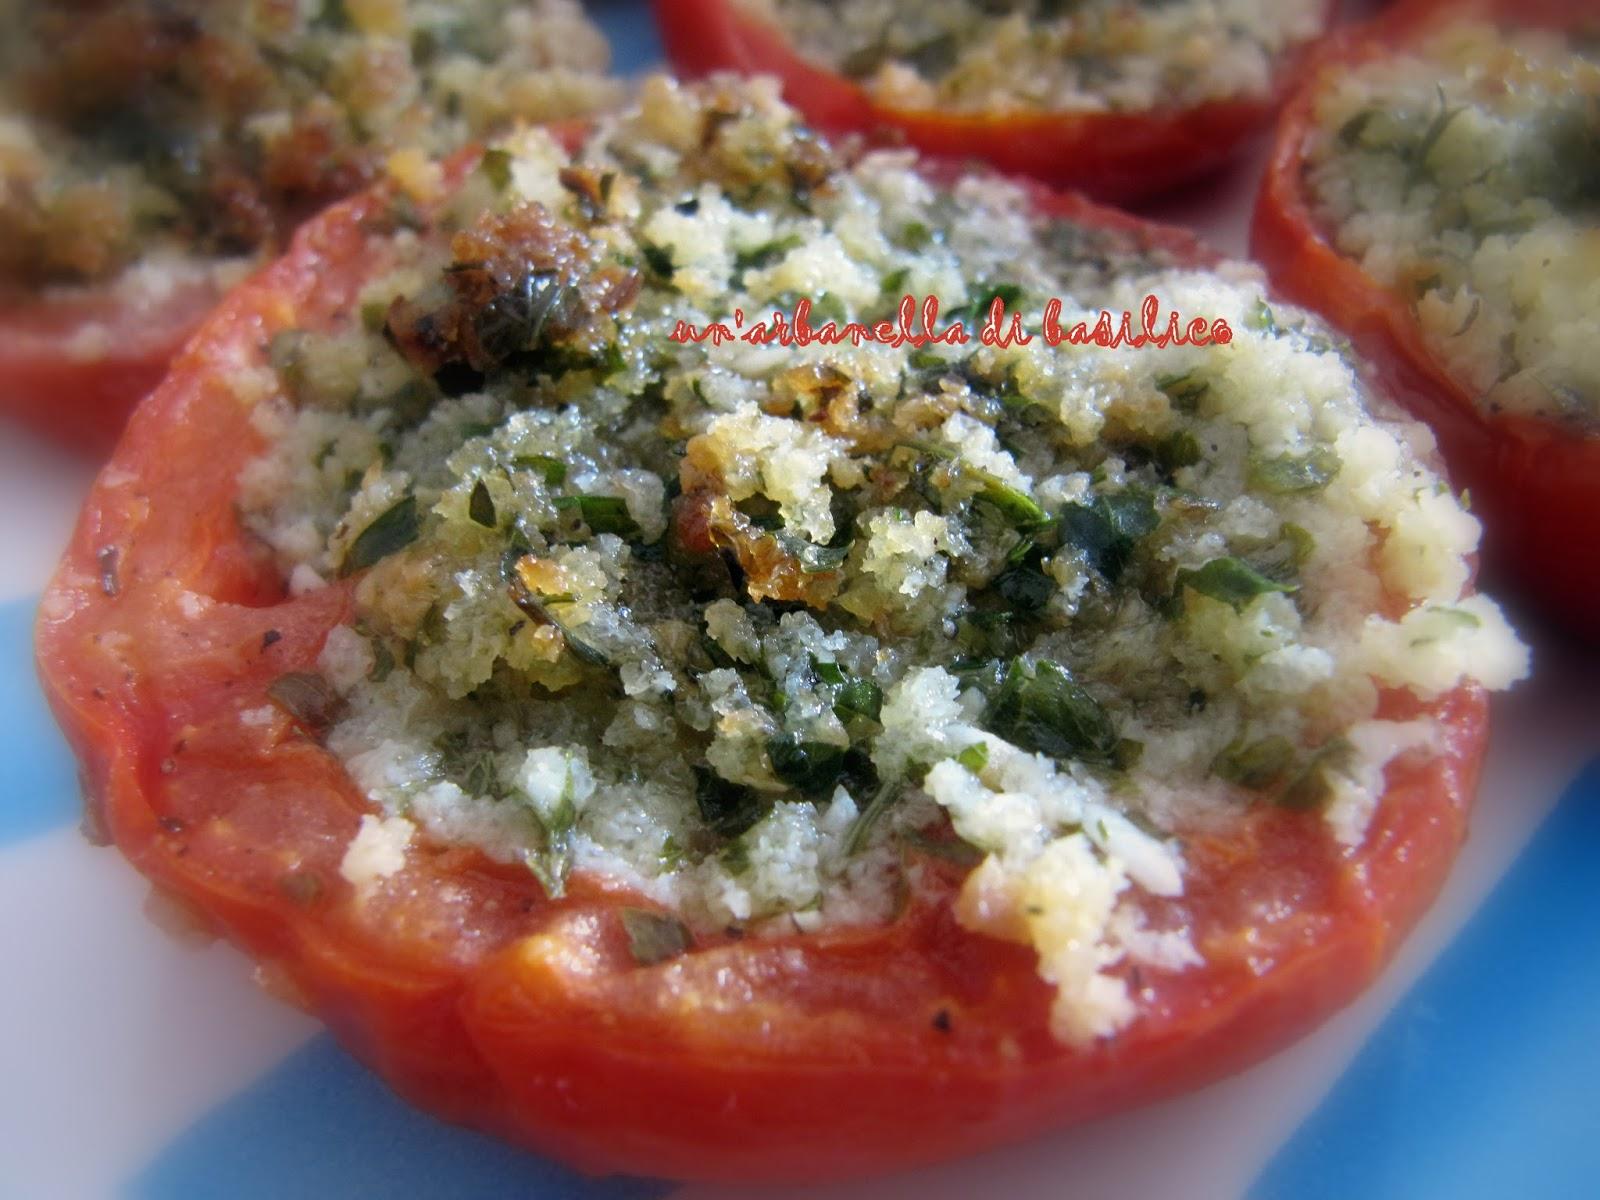 Un 39 arbanella di basilico il men in rosso for Il rosso bologna menu